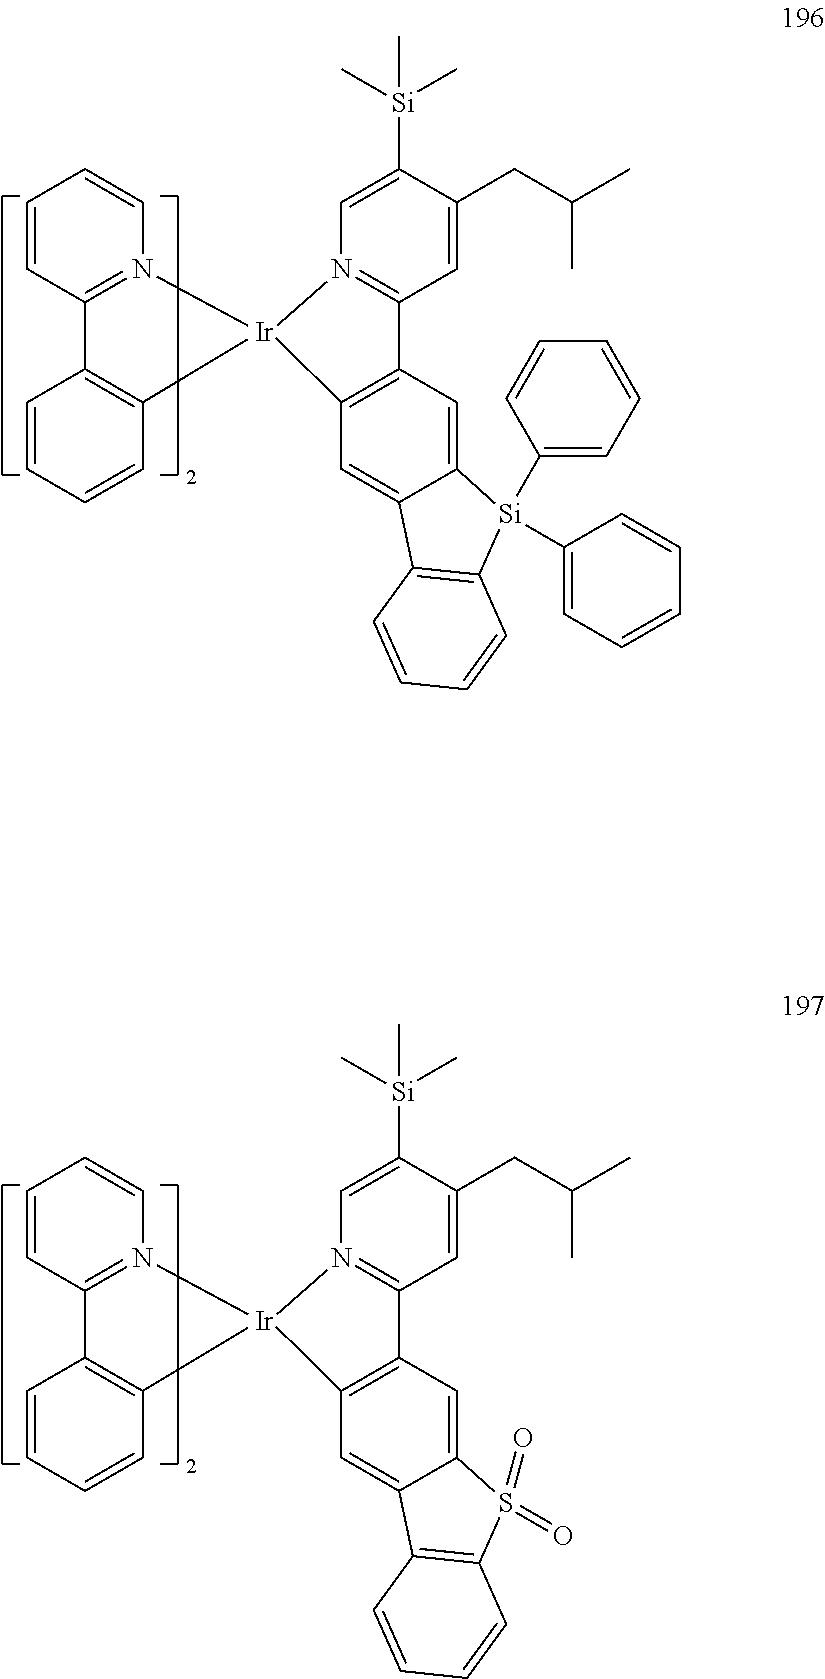 Figure US20160155962A1-20160602-C00119